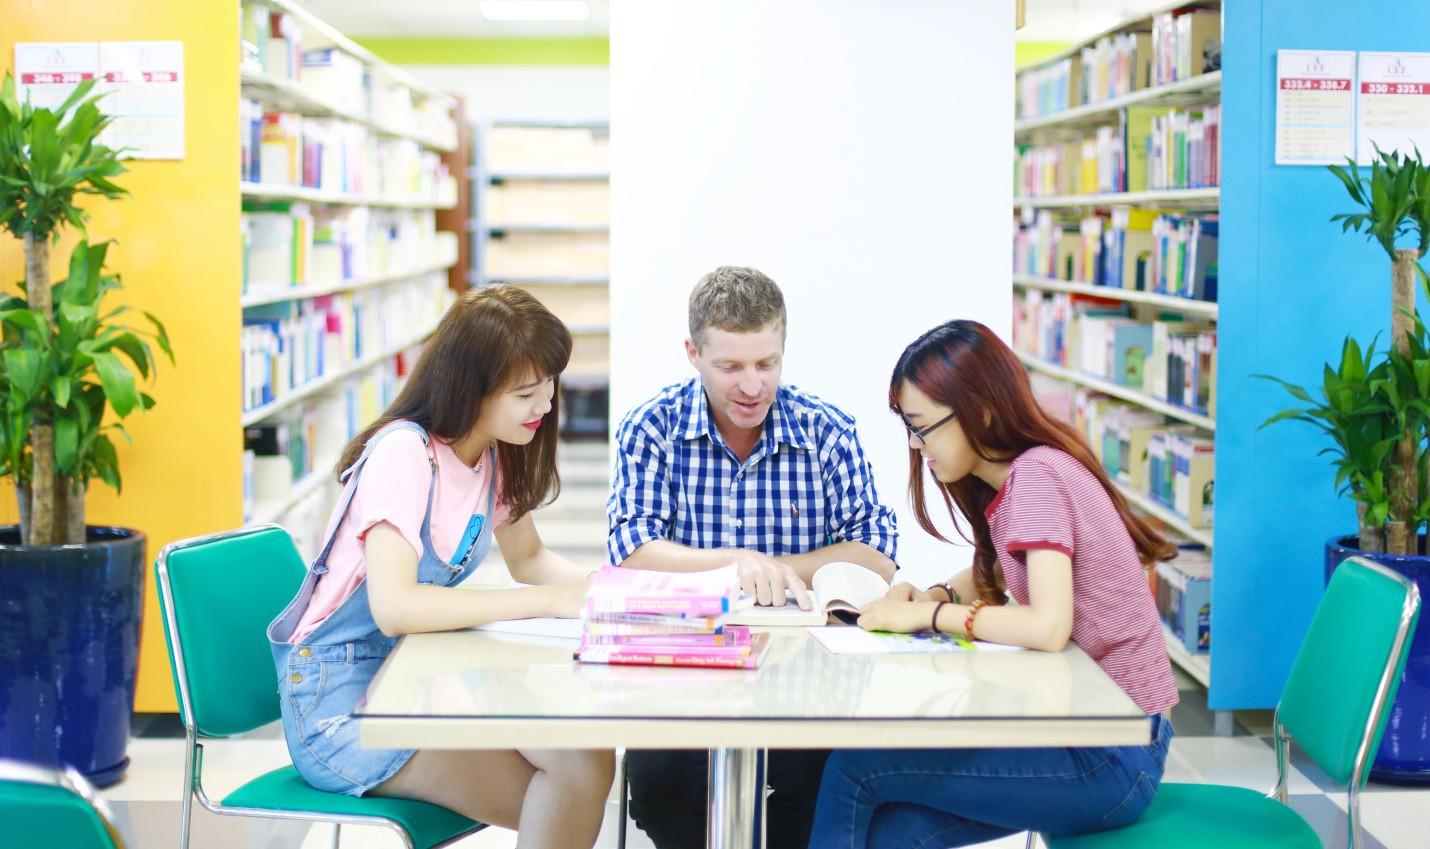 Những trải nghiệm chỉ có ở đại học song ngữ quốc tế - Ảnh 2.